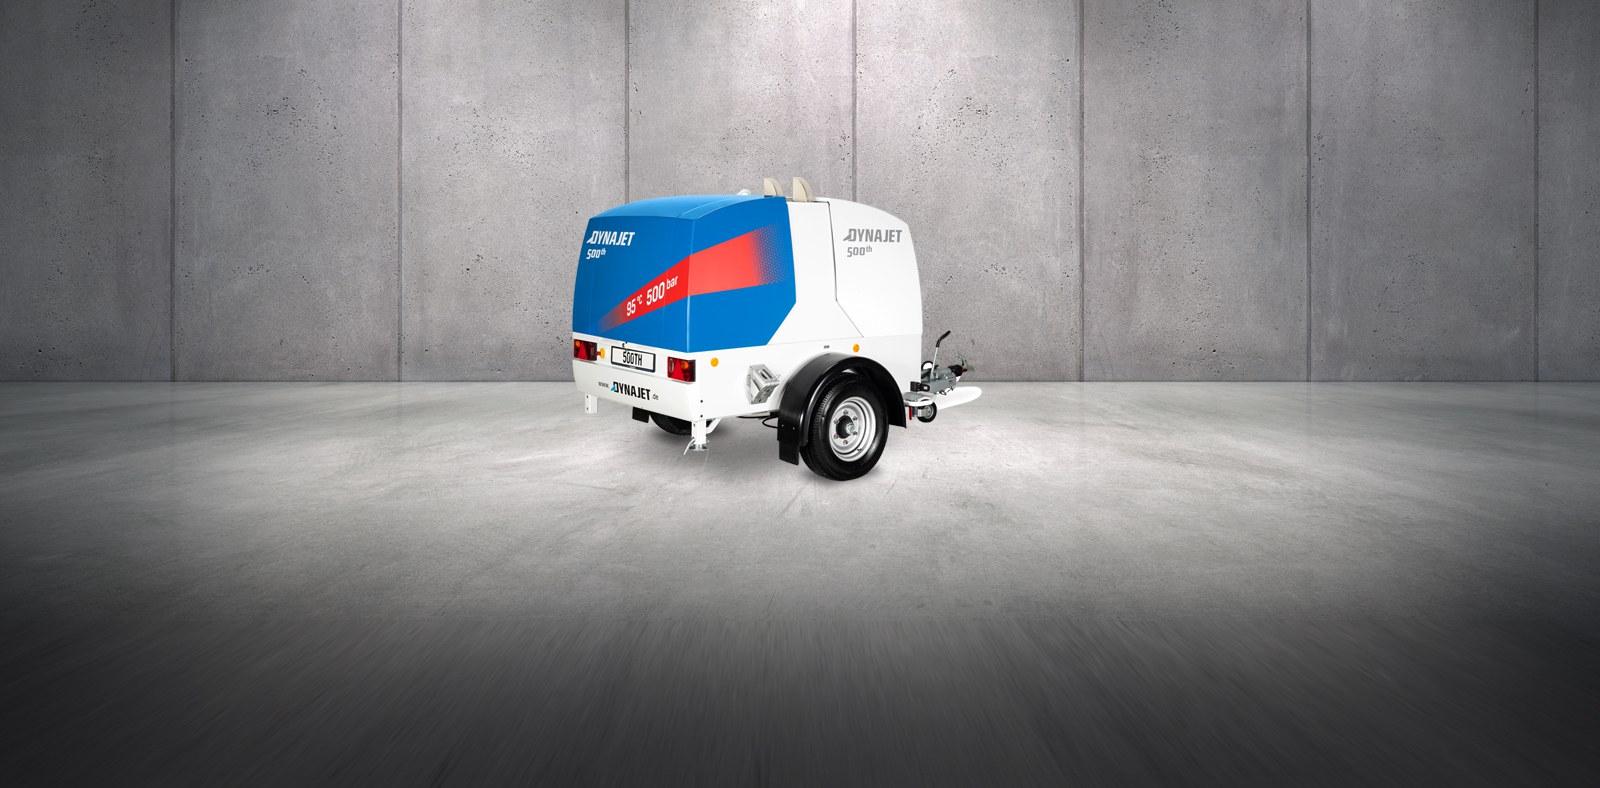 Die neue DYNAJET 500th Blue Performance - Wasserhochdruckreiniger mit digitaler Steuerung und bis zu 500 bar Arbeitsdruck